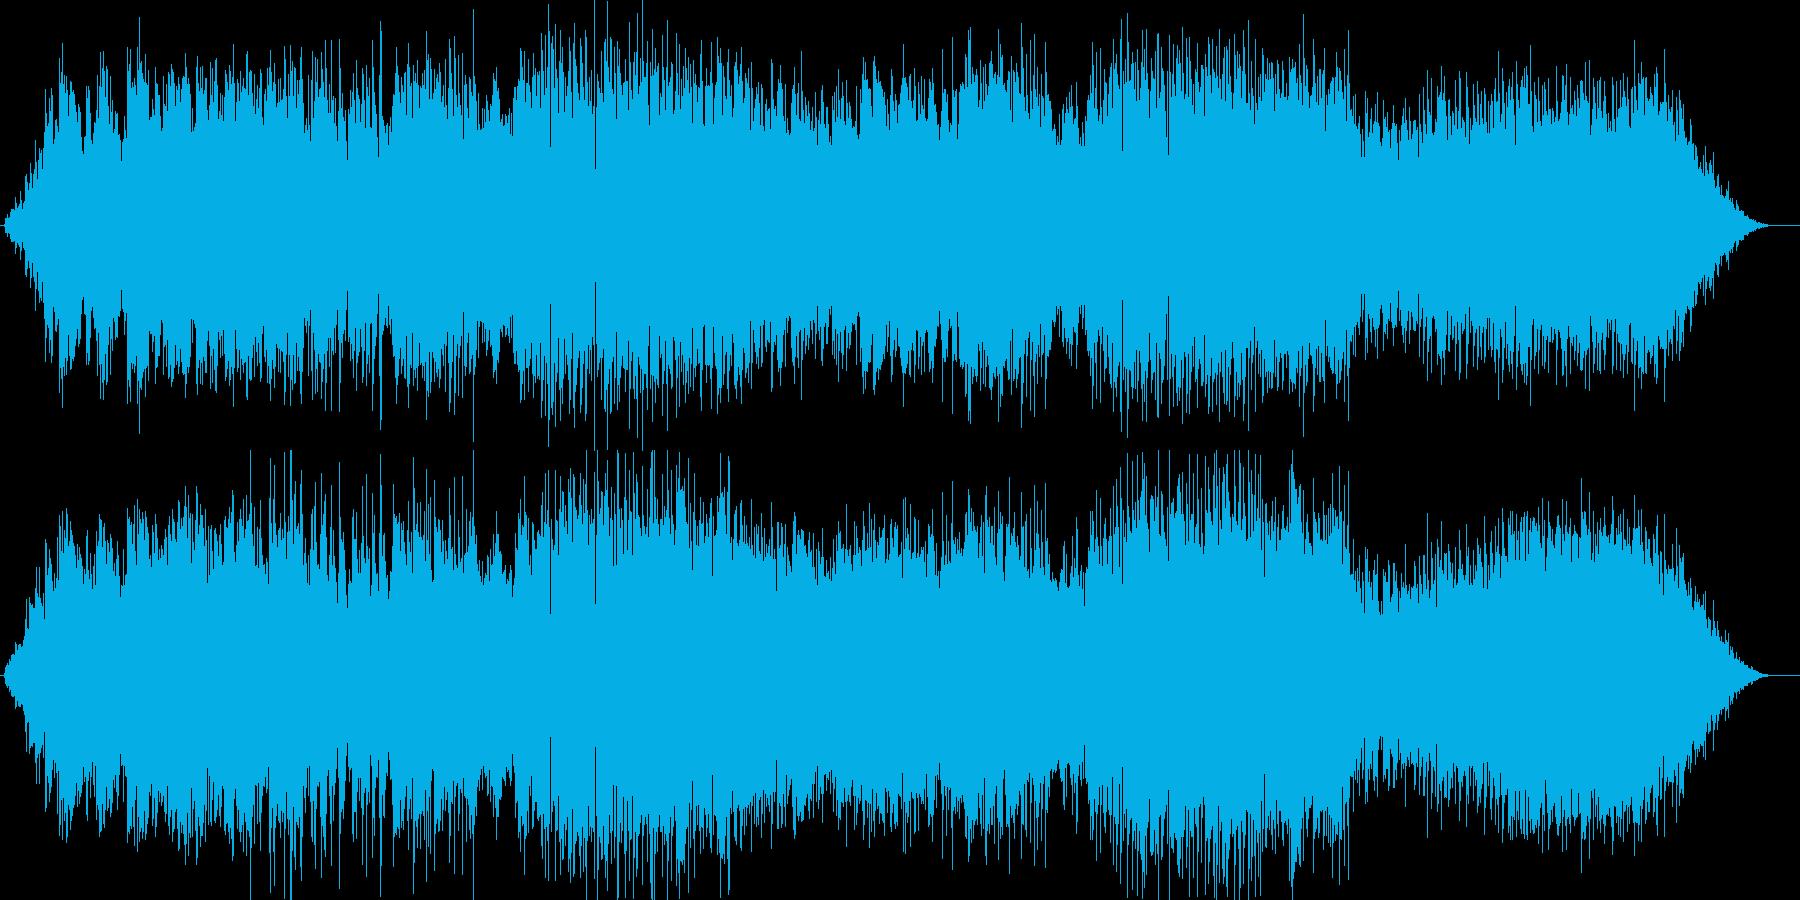 川が流れる様子を表現。流れ、そして循環…の再生済みの波形